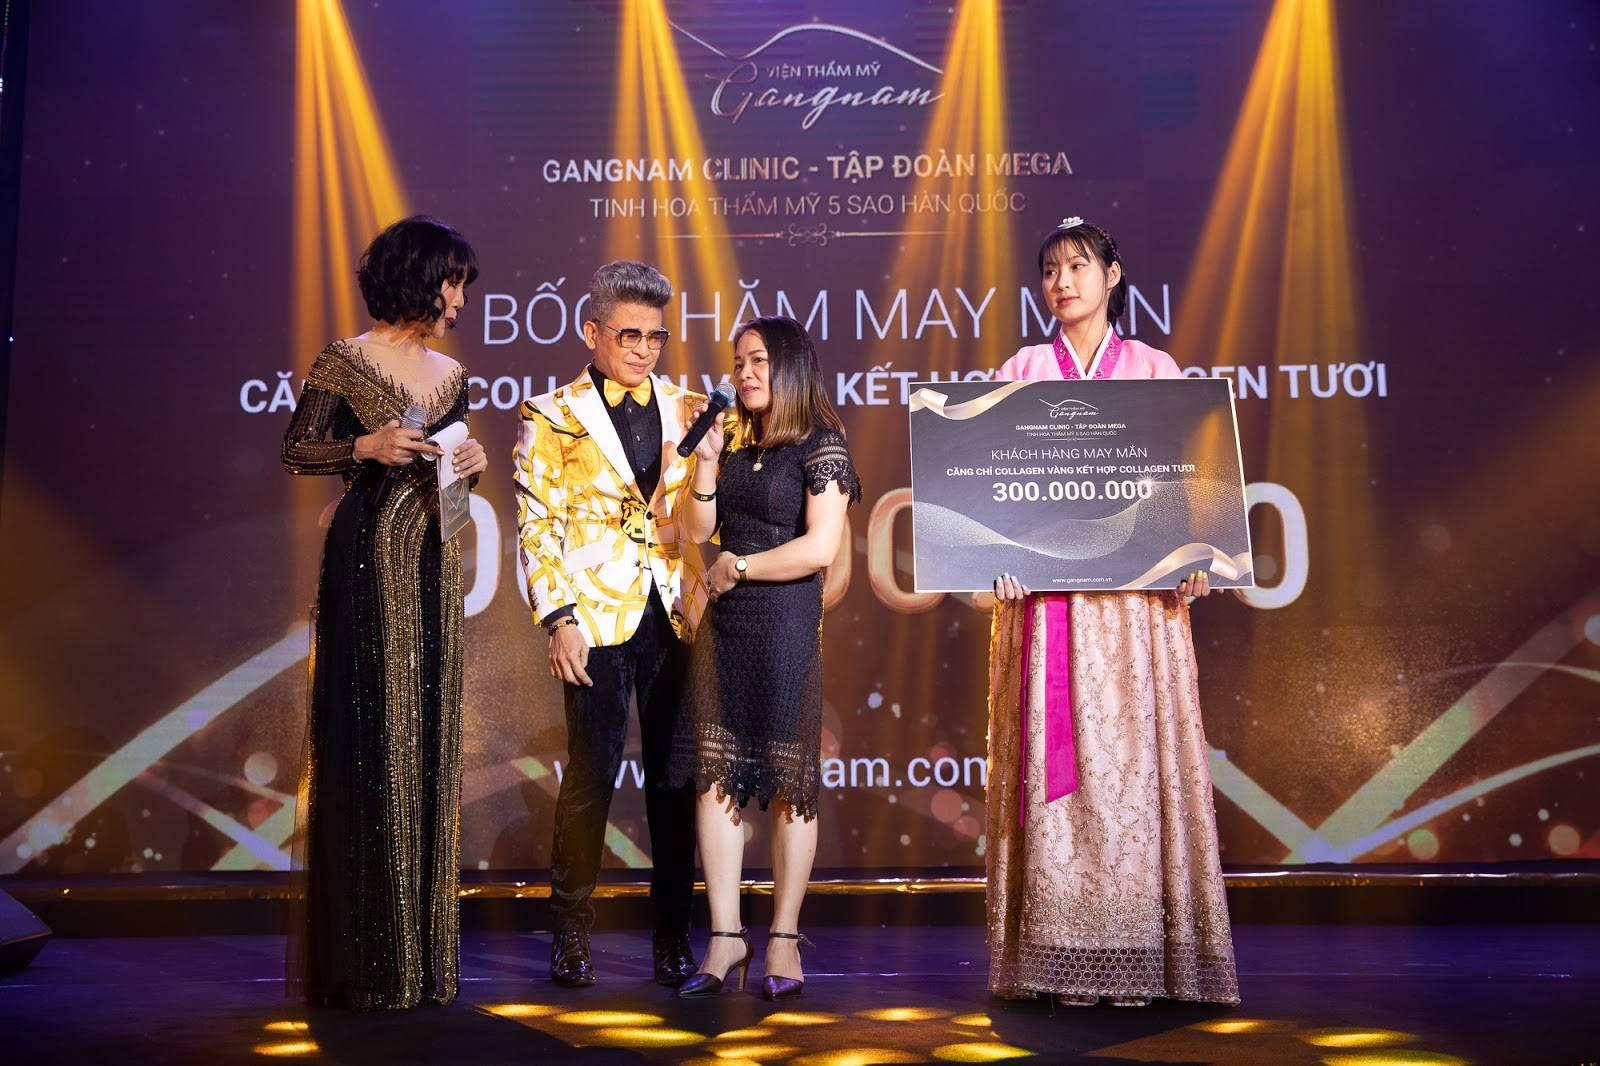 Vị khách mời may mắn nhận được phần quà trị giá 300 triệu đồng khi thực hiện liệu trình căng da bằng chỉ Collagen Gold Fiber